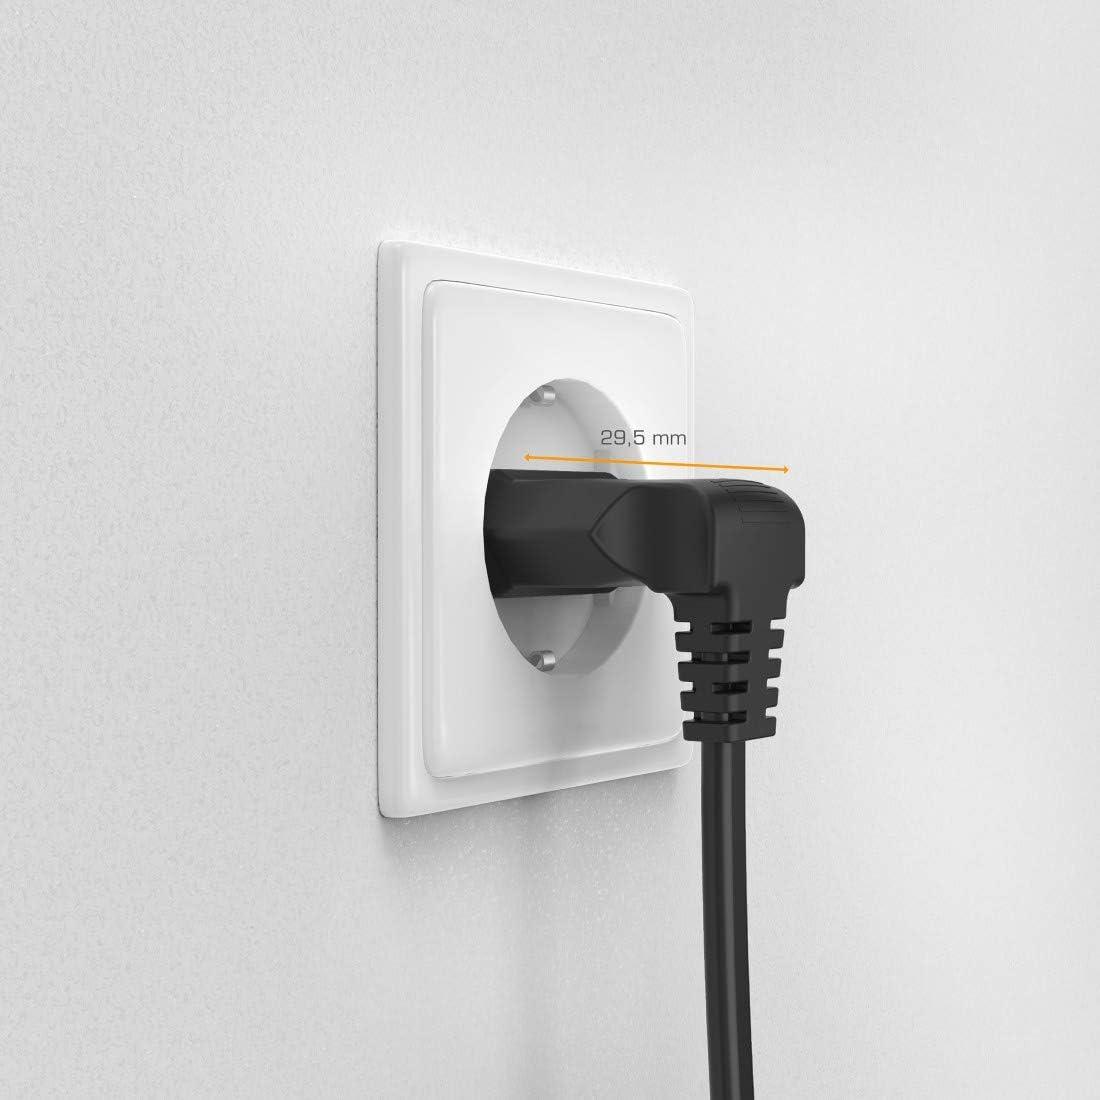 2 Pines, 3 m Negro Flashstar Cable de alimentaci/ón Europeo para Equipos el/éctricos y Multimedia Acodado a 90/º en Ambos Lados Enchufe Doble Euro 8 con protecci/ón